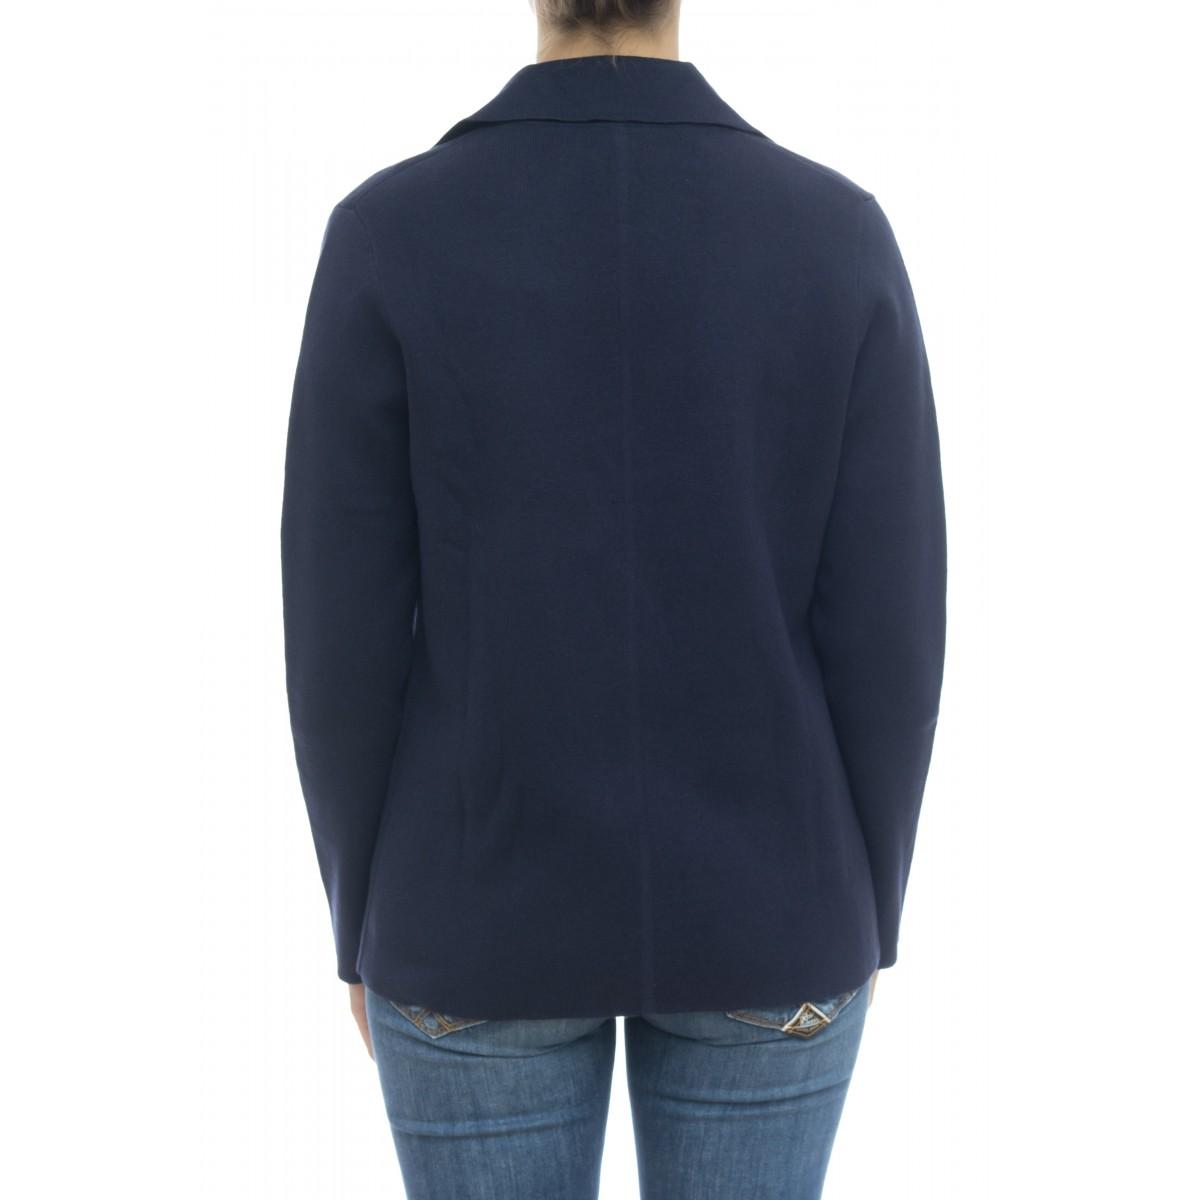 Giacca donna - K29211 giacchina punto milano